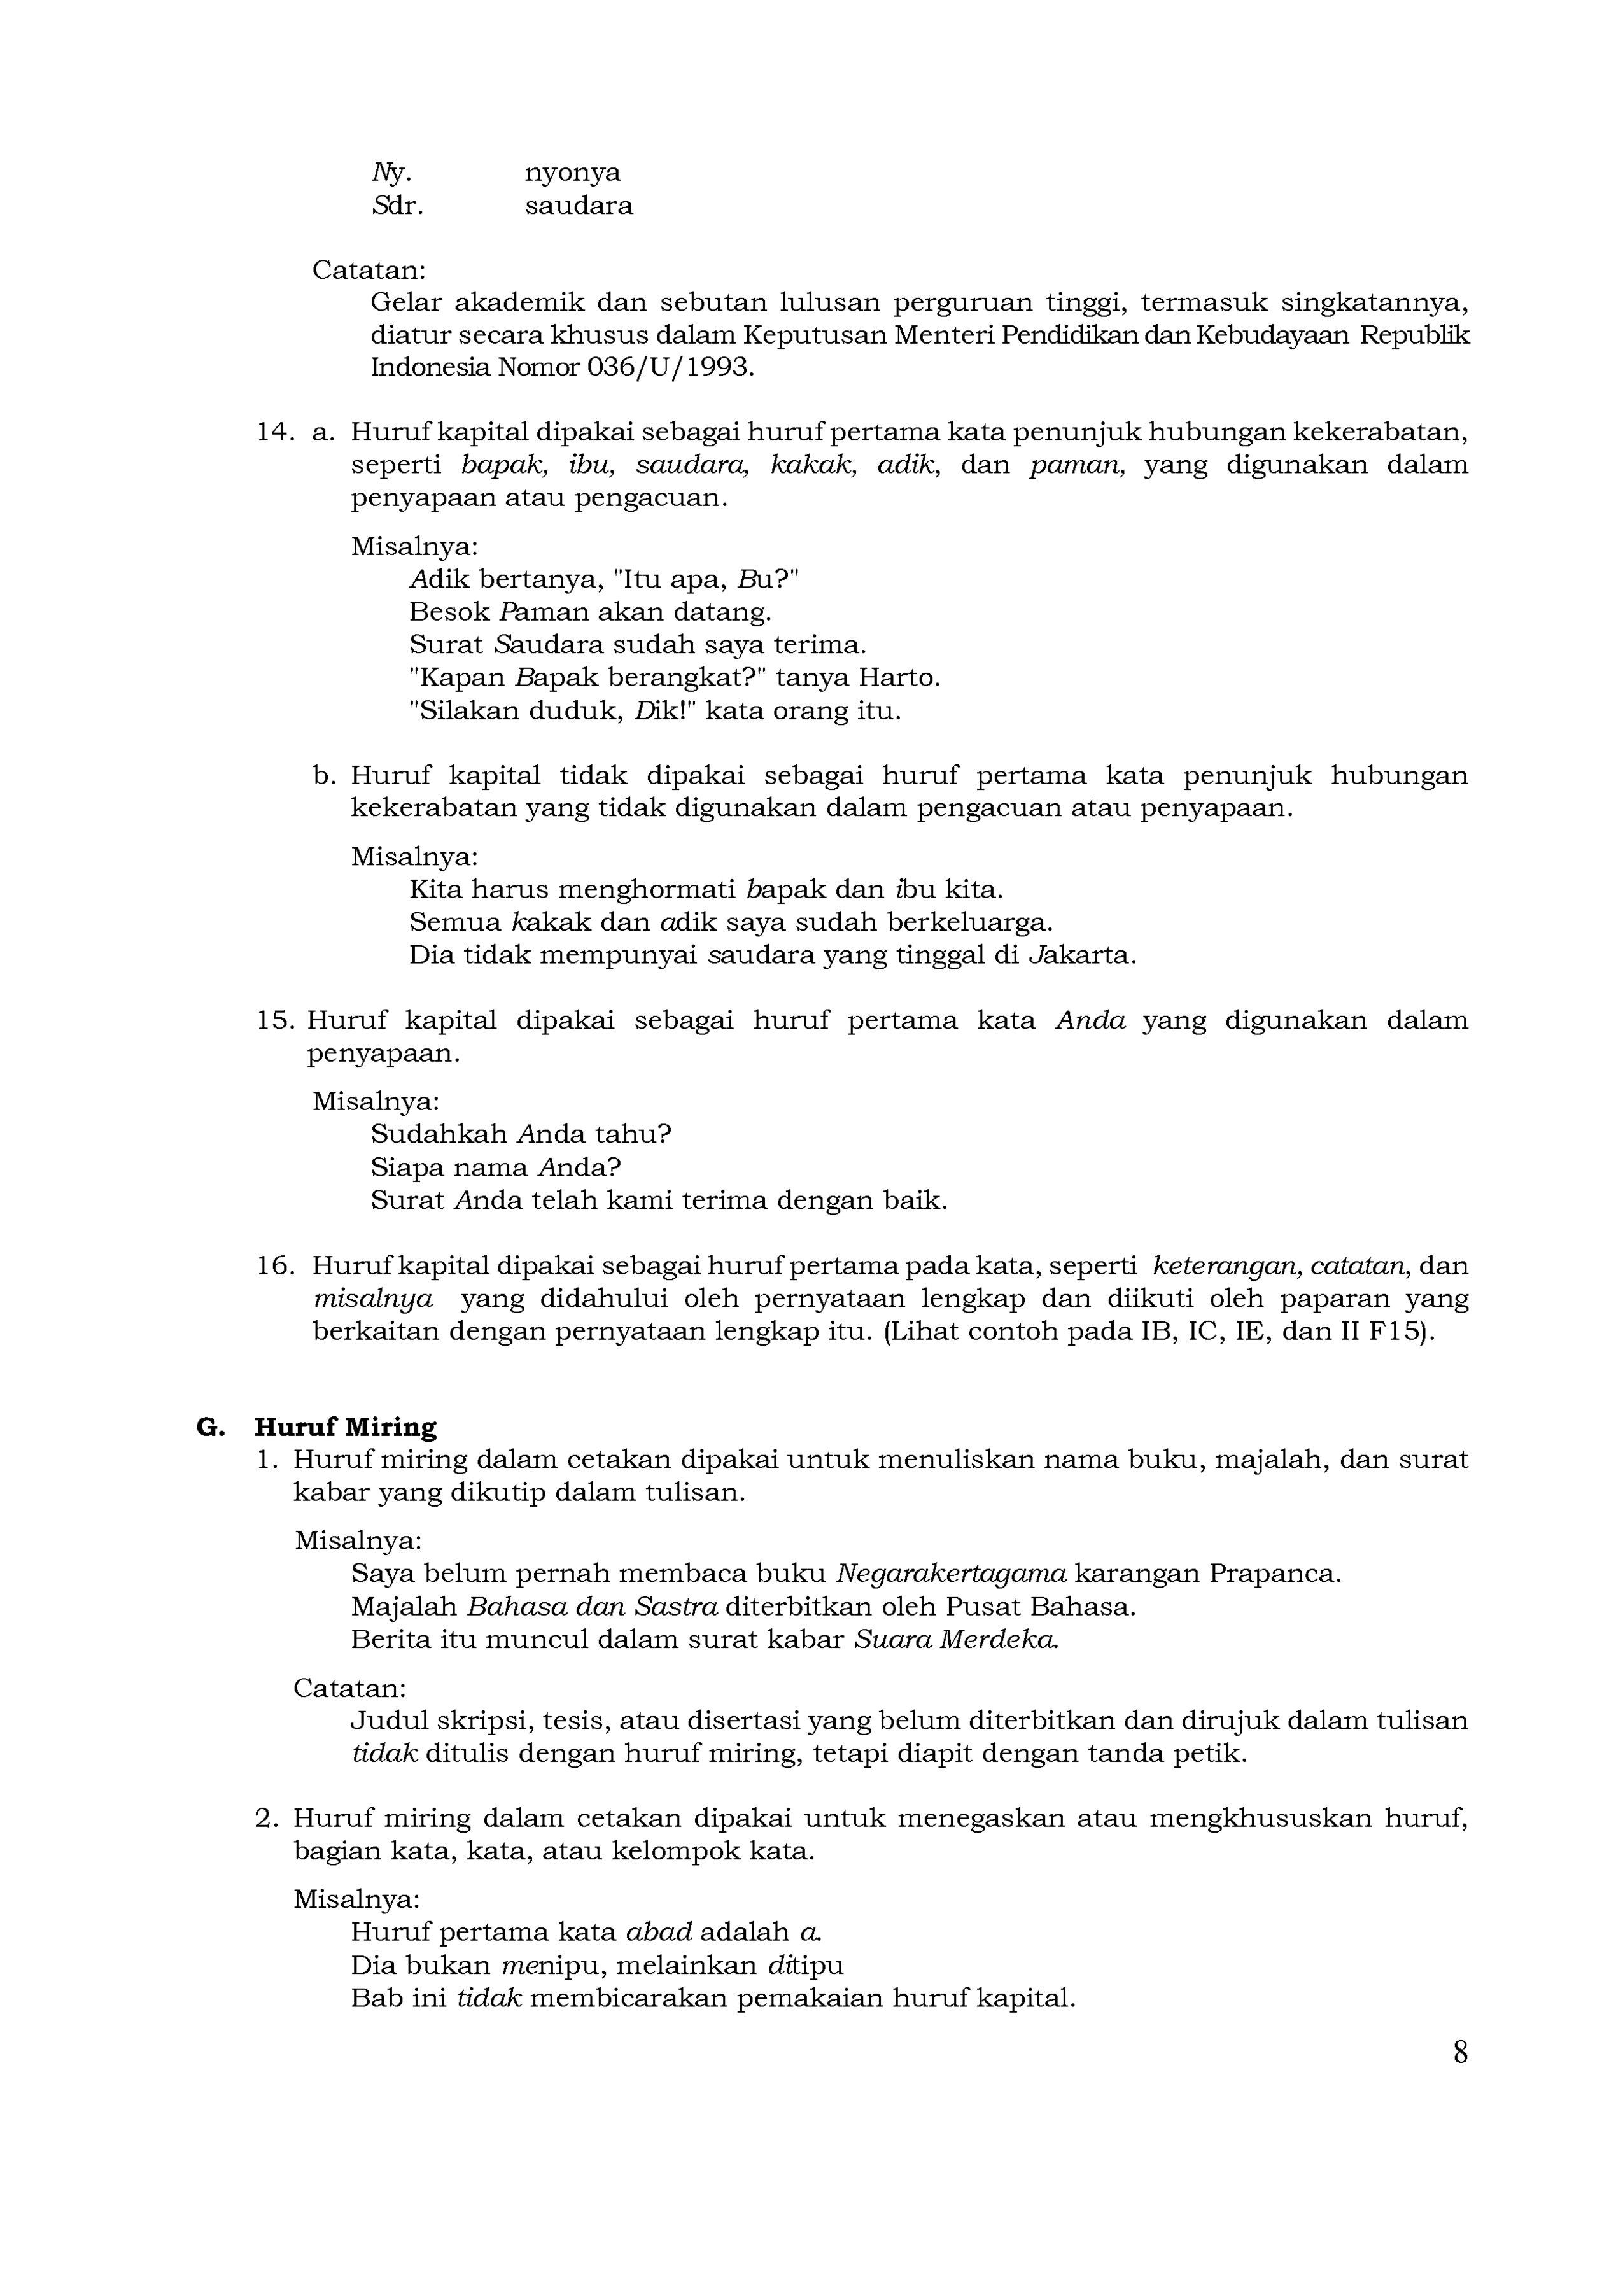 Halaman Permendiknas Nomor 46 Tahun 2009 Tentang Pedoman Umum Ejaan